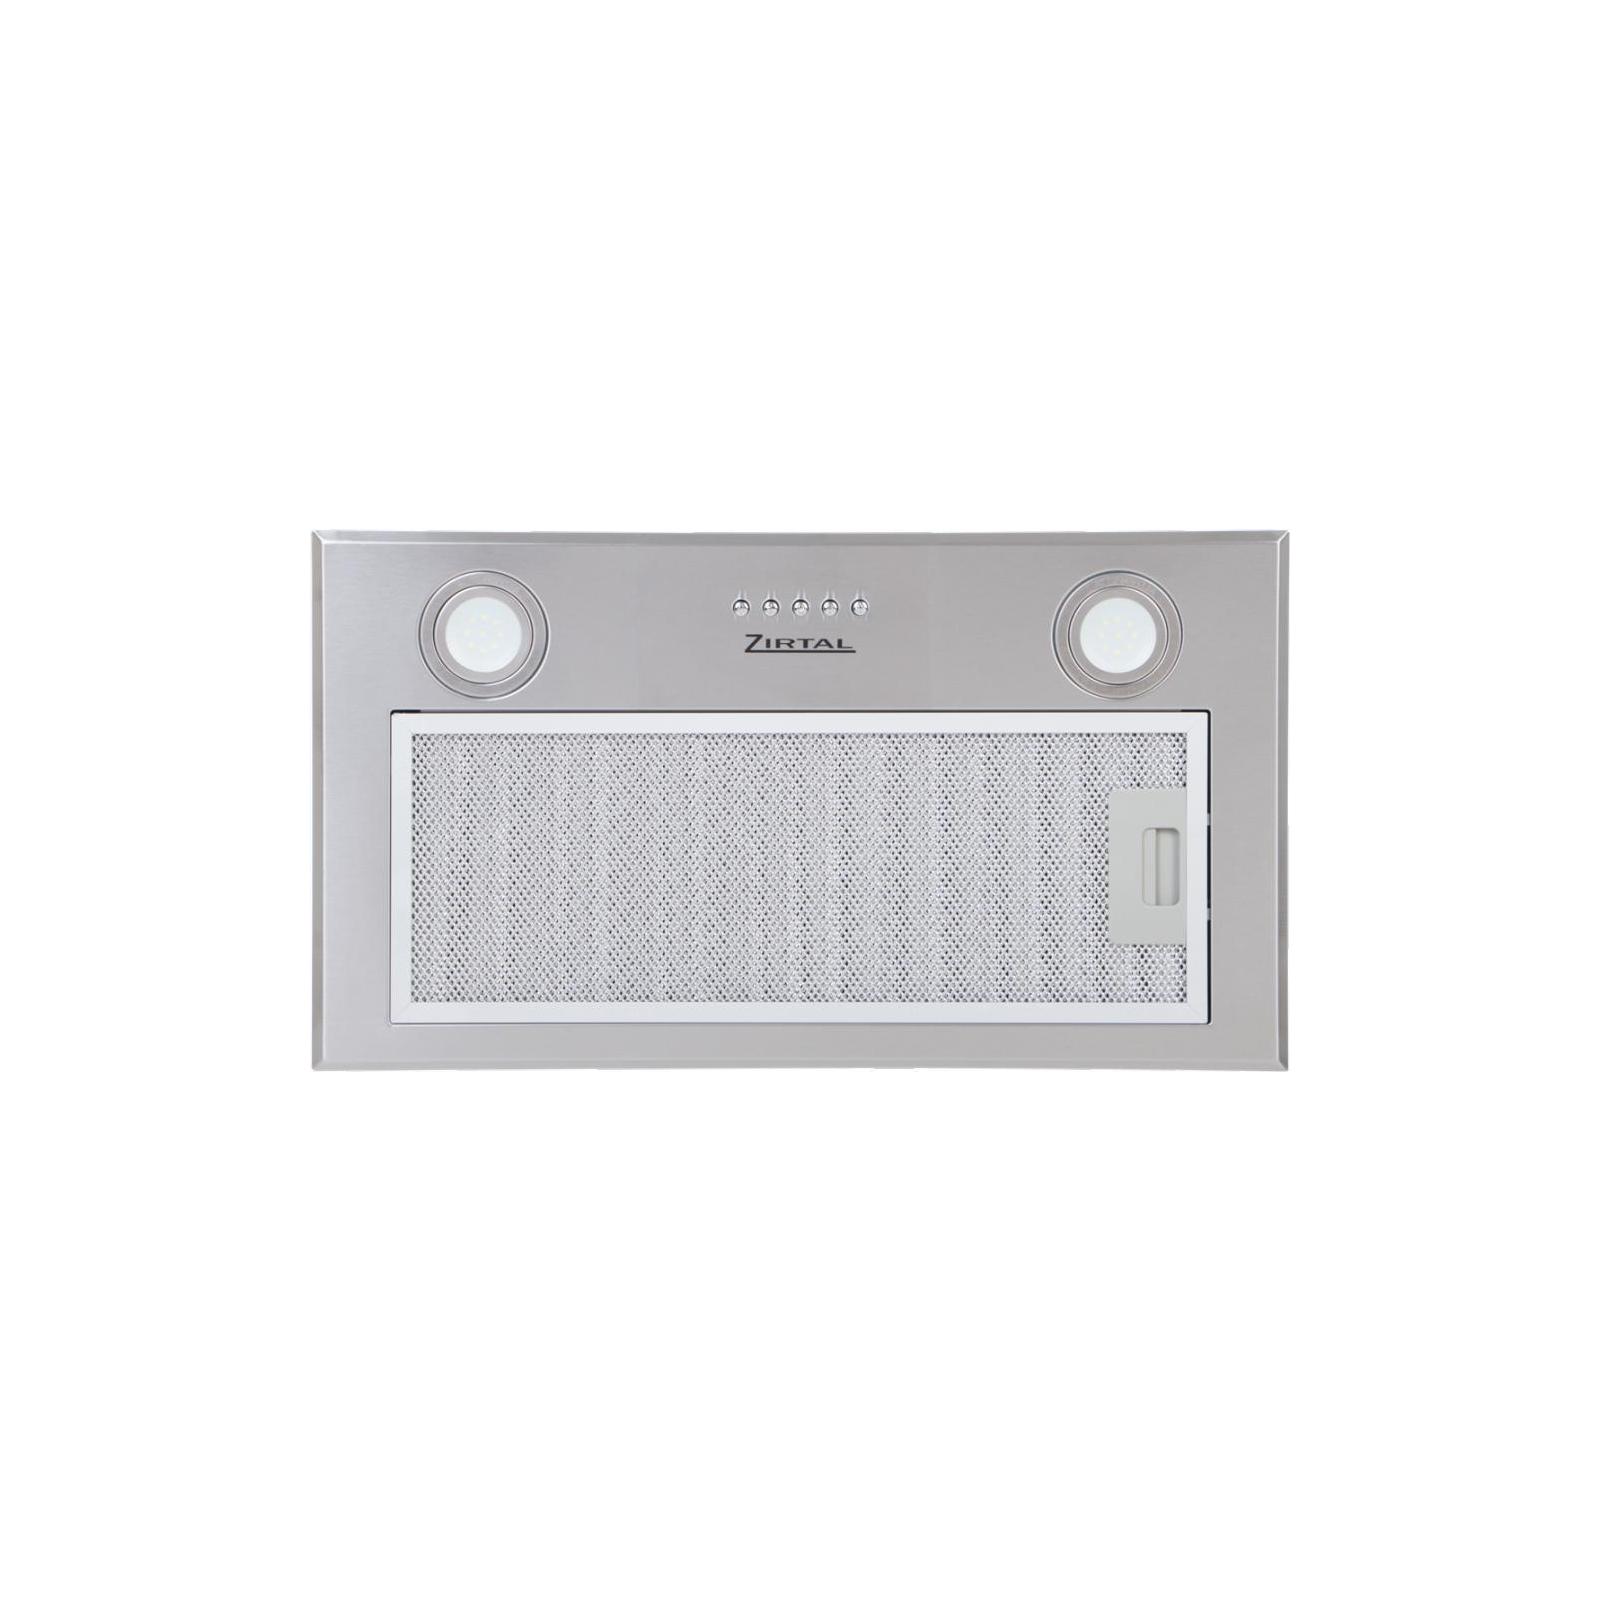 Вытяжка кухонная ZIRTAL GRUPPO 5 IX изображение 3